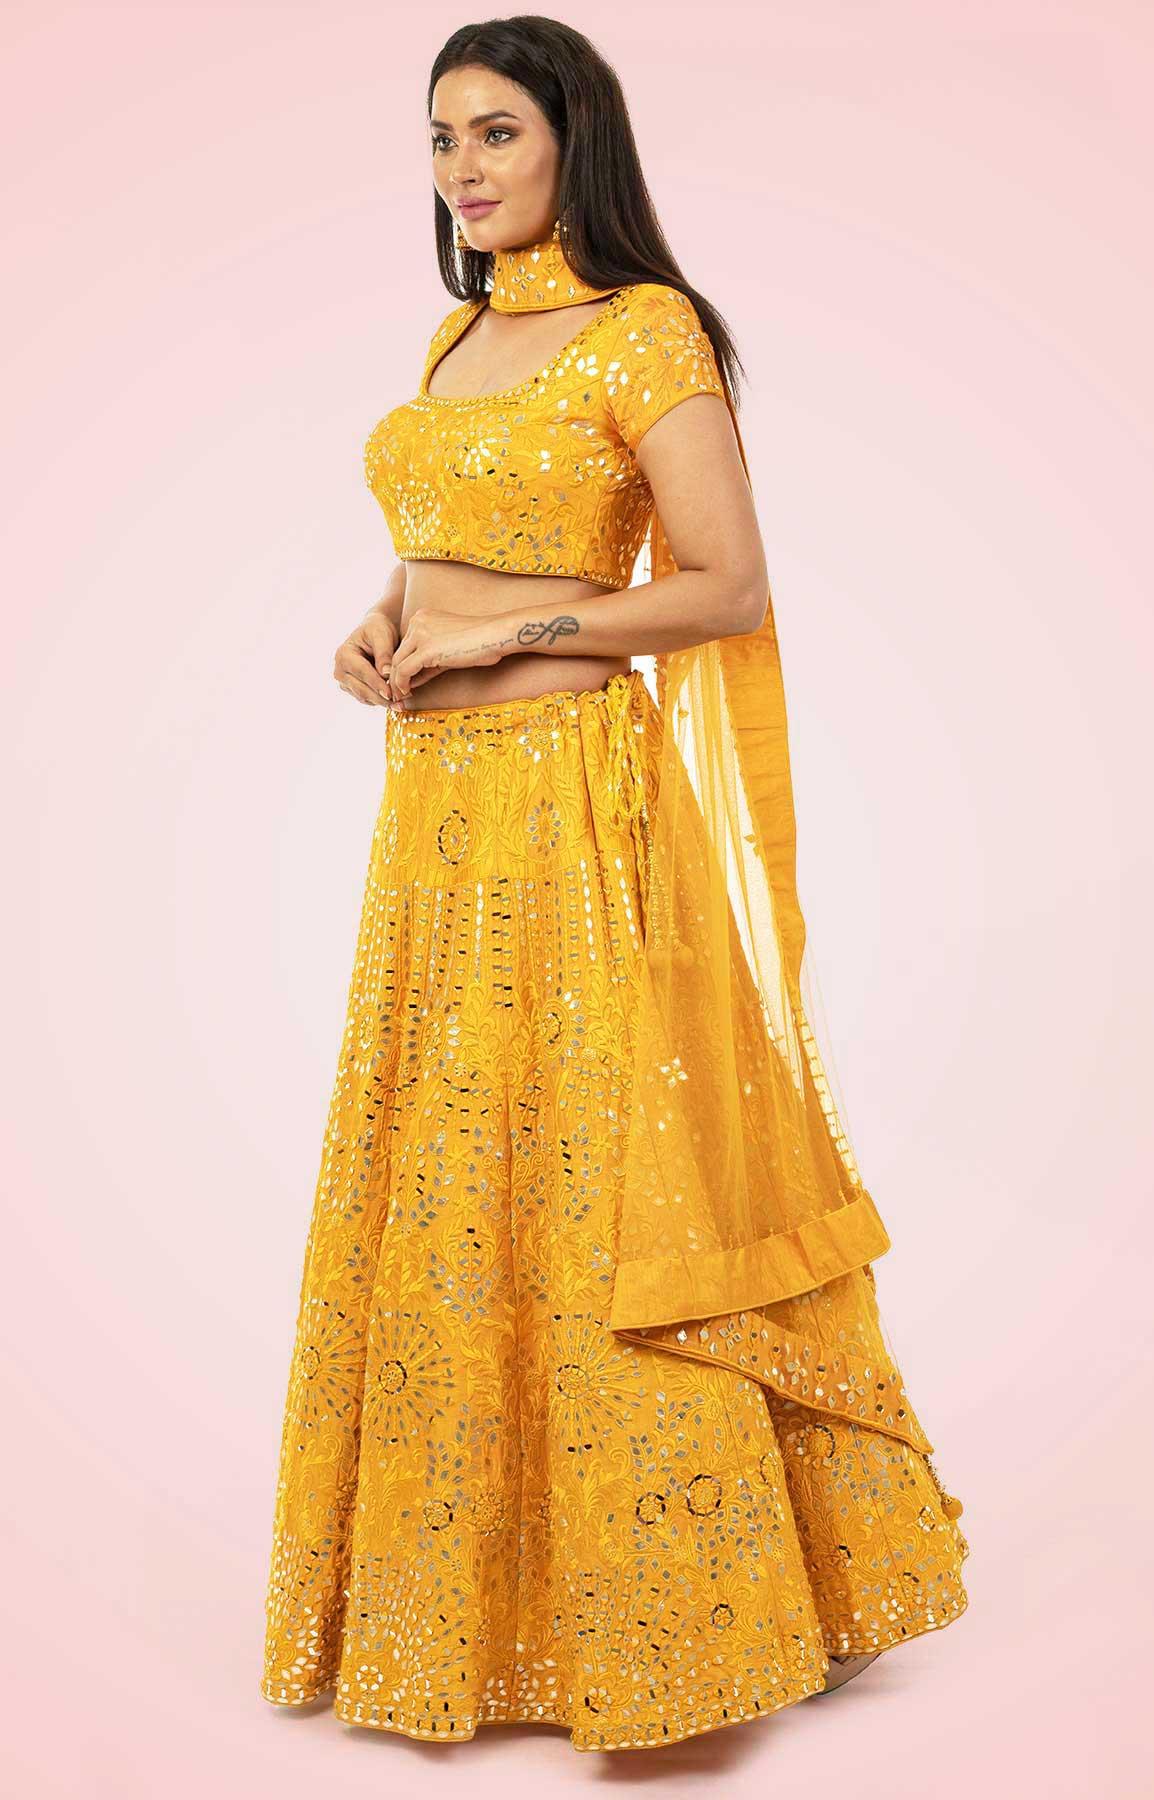 Golden Yellow Lehenga Choli With Leather And Mirror Work – Viraaya By Ushnakmals